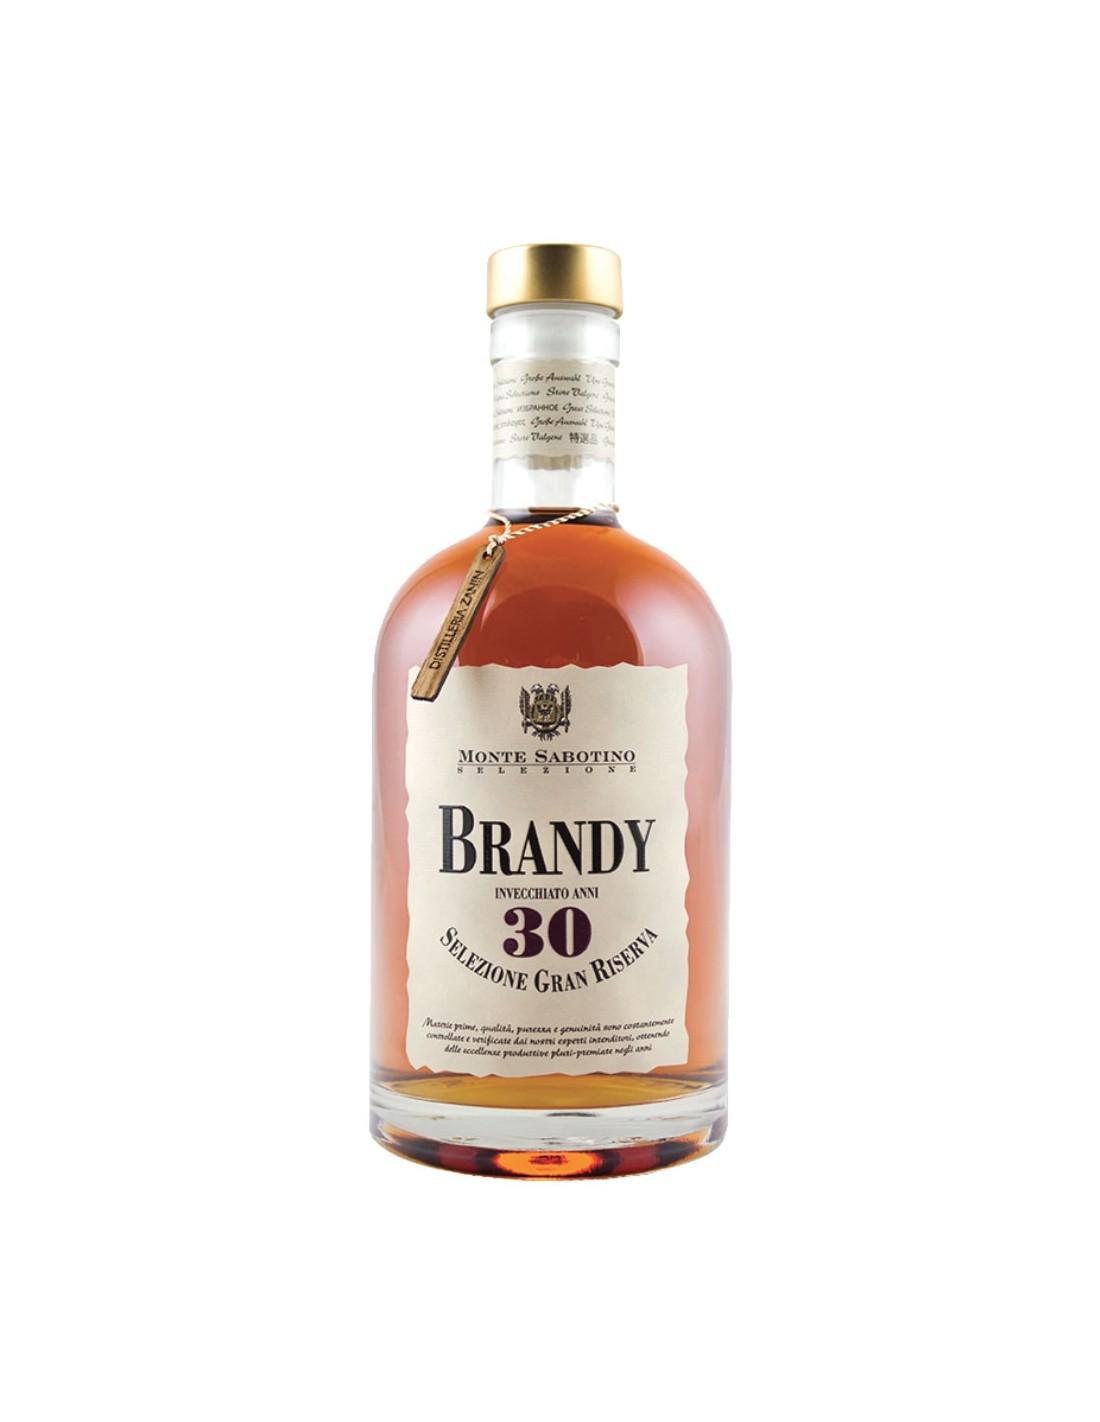 Brandy Monte Sabotino 30 ani Gran Riserva Astuccio, 40% alc., 0.7L, Italia